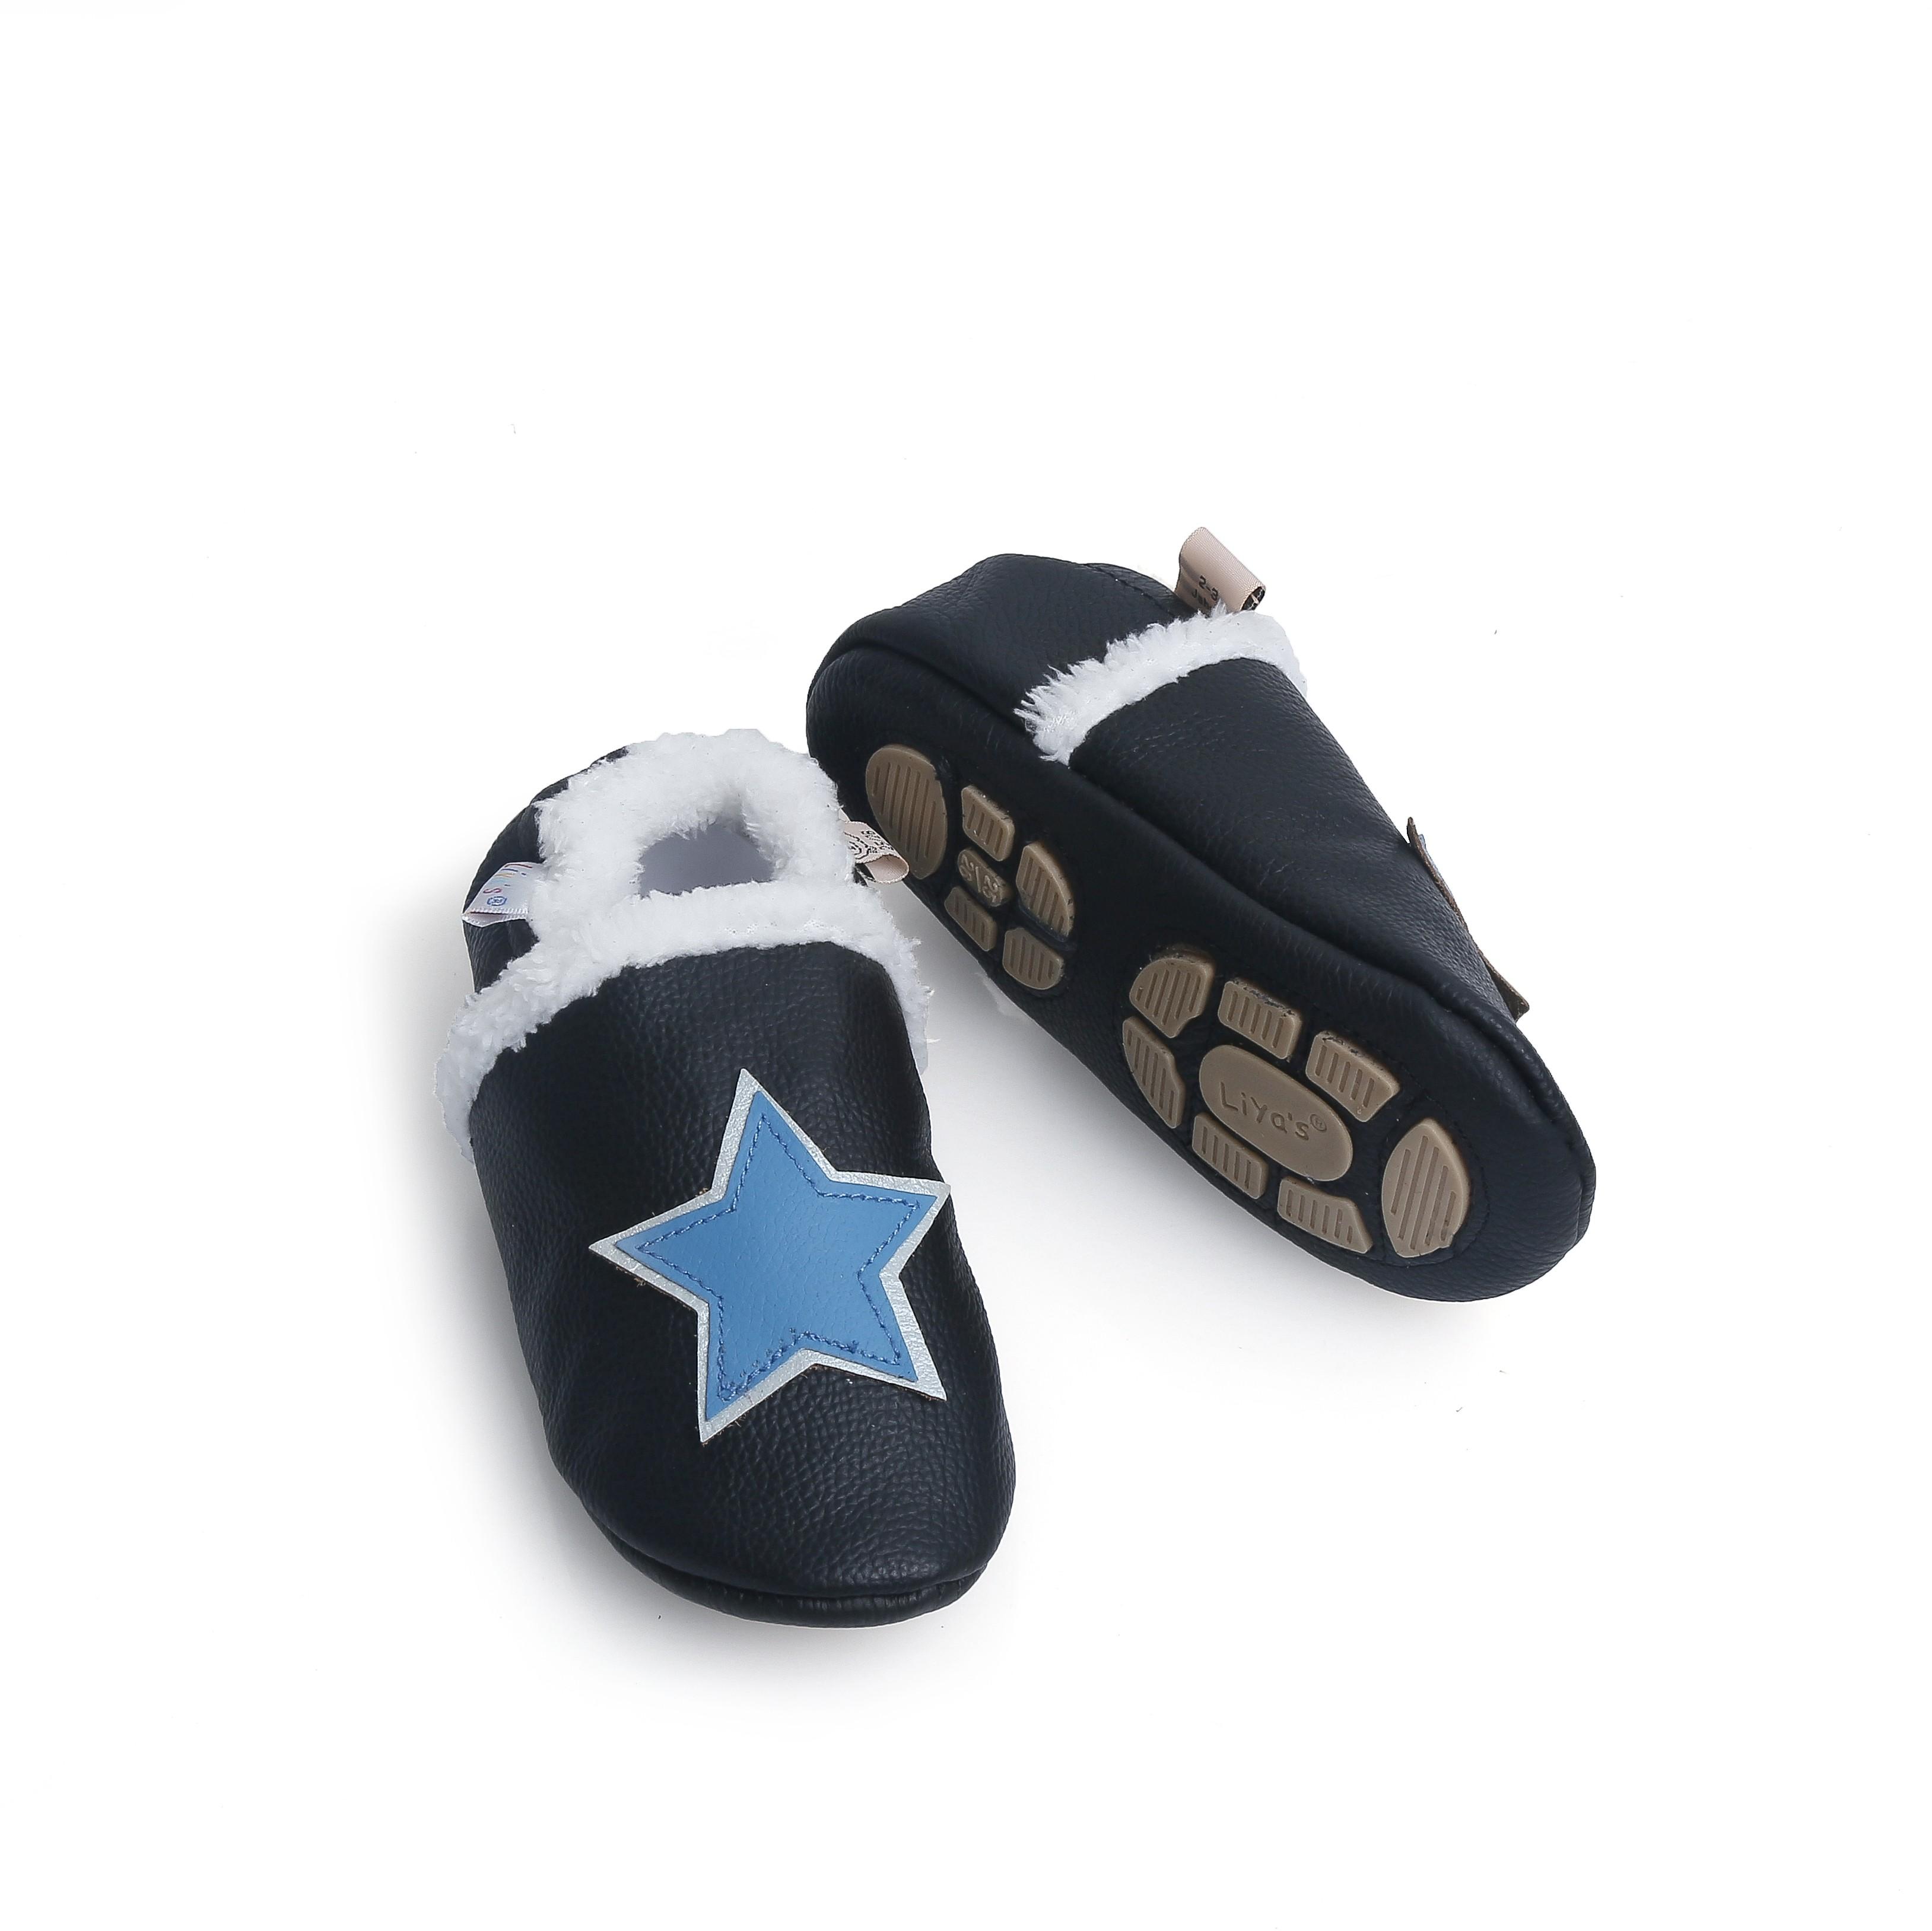 Liya's gefütterte Lederpuschen mit Teilgummisohle - #396 Stern in schwarz